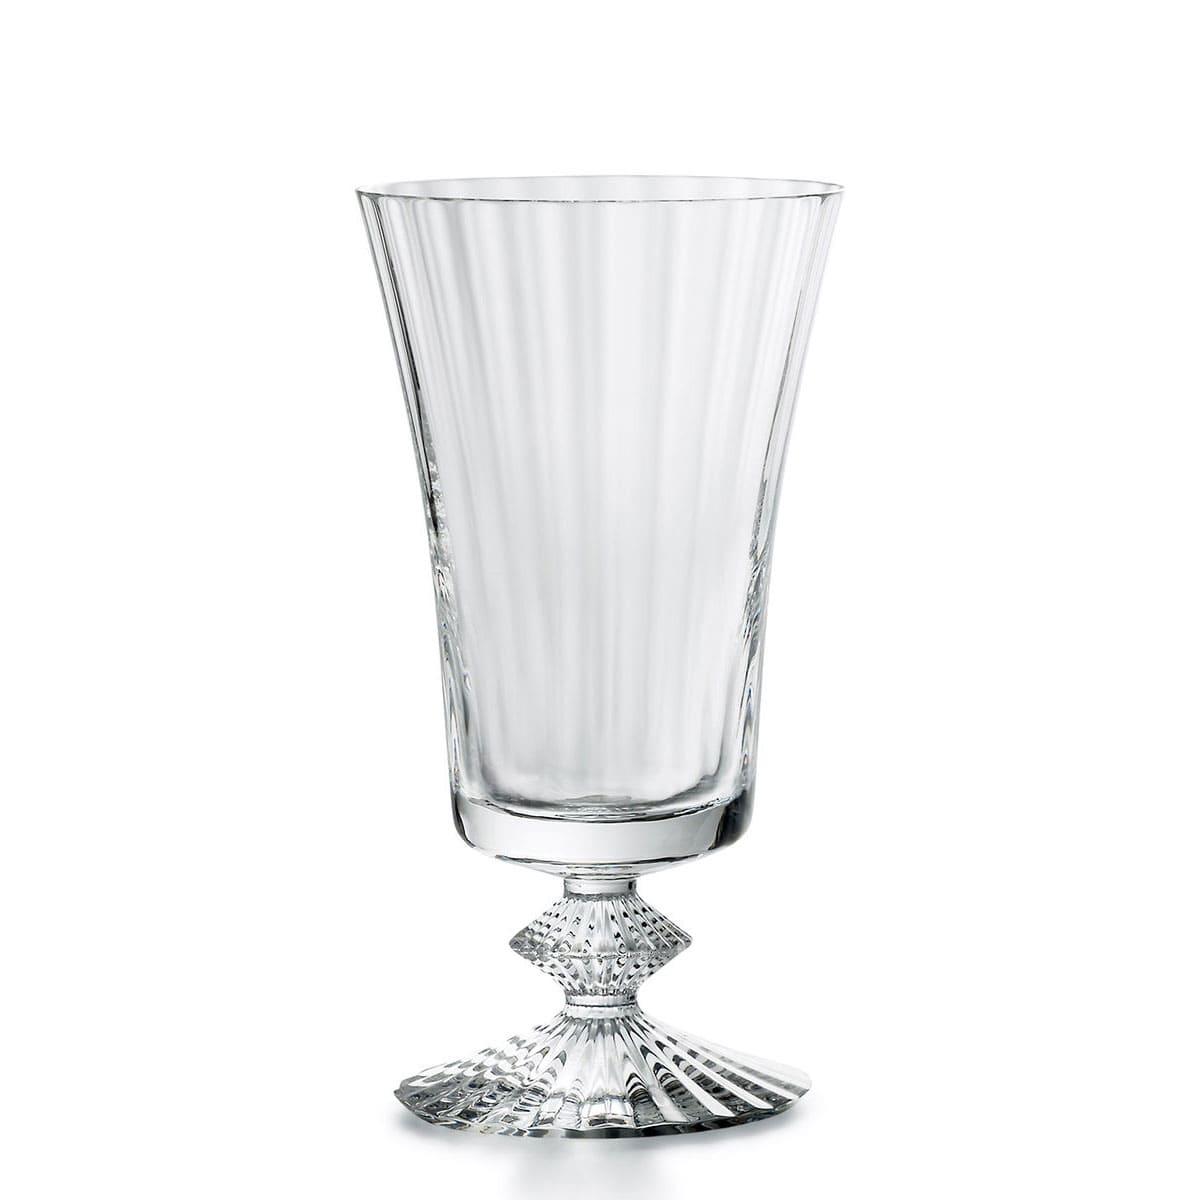 bicchieri cristallo bicchiere mille nuits in cristallo baccarat scopelliti 1887